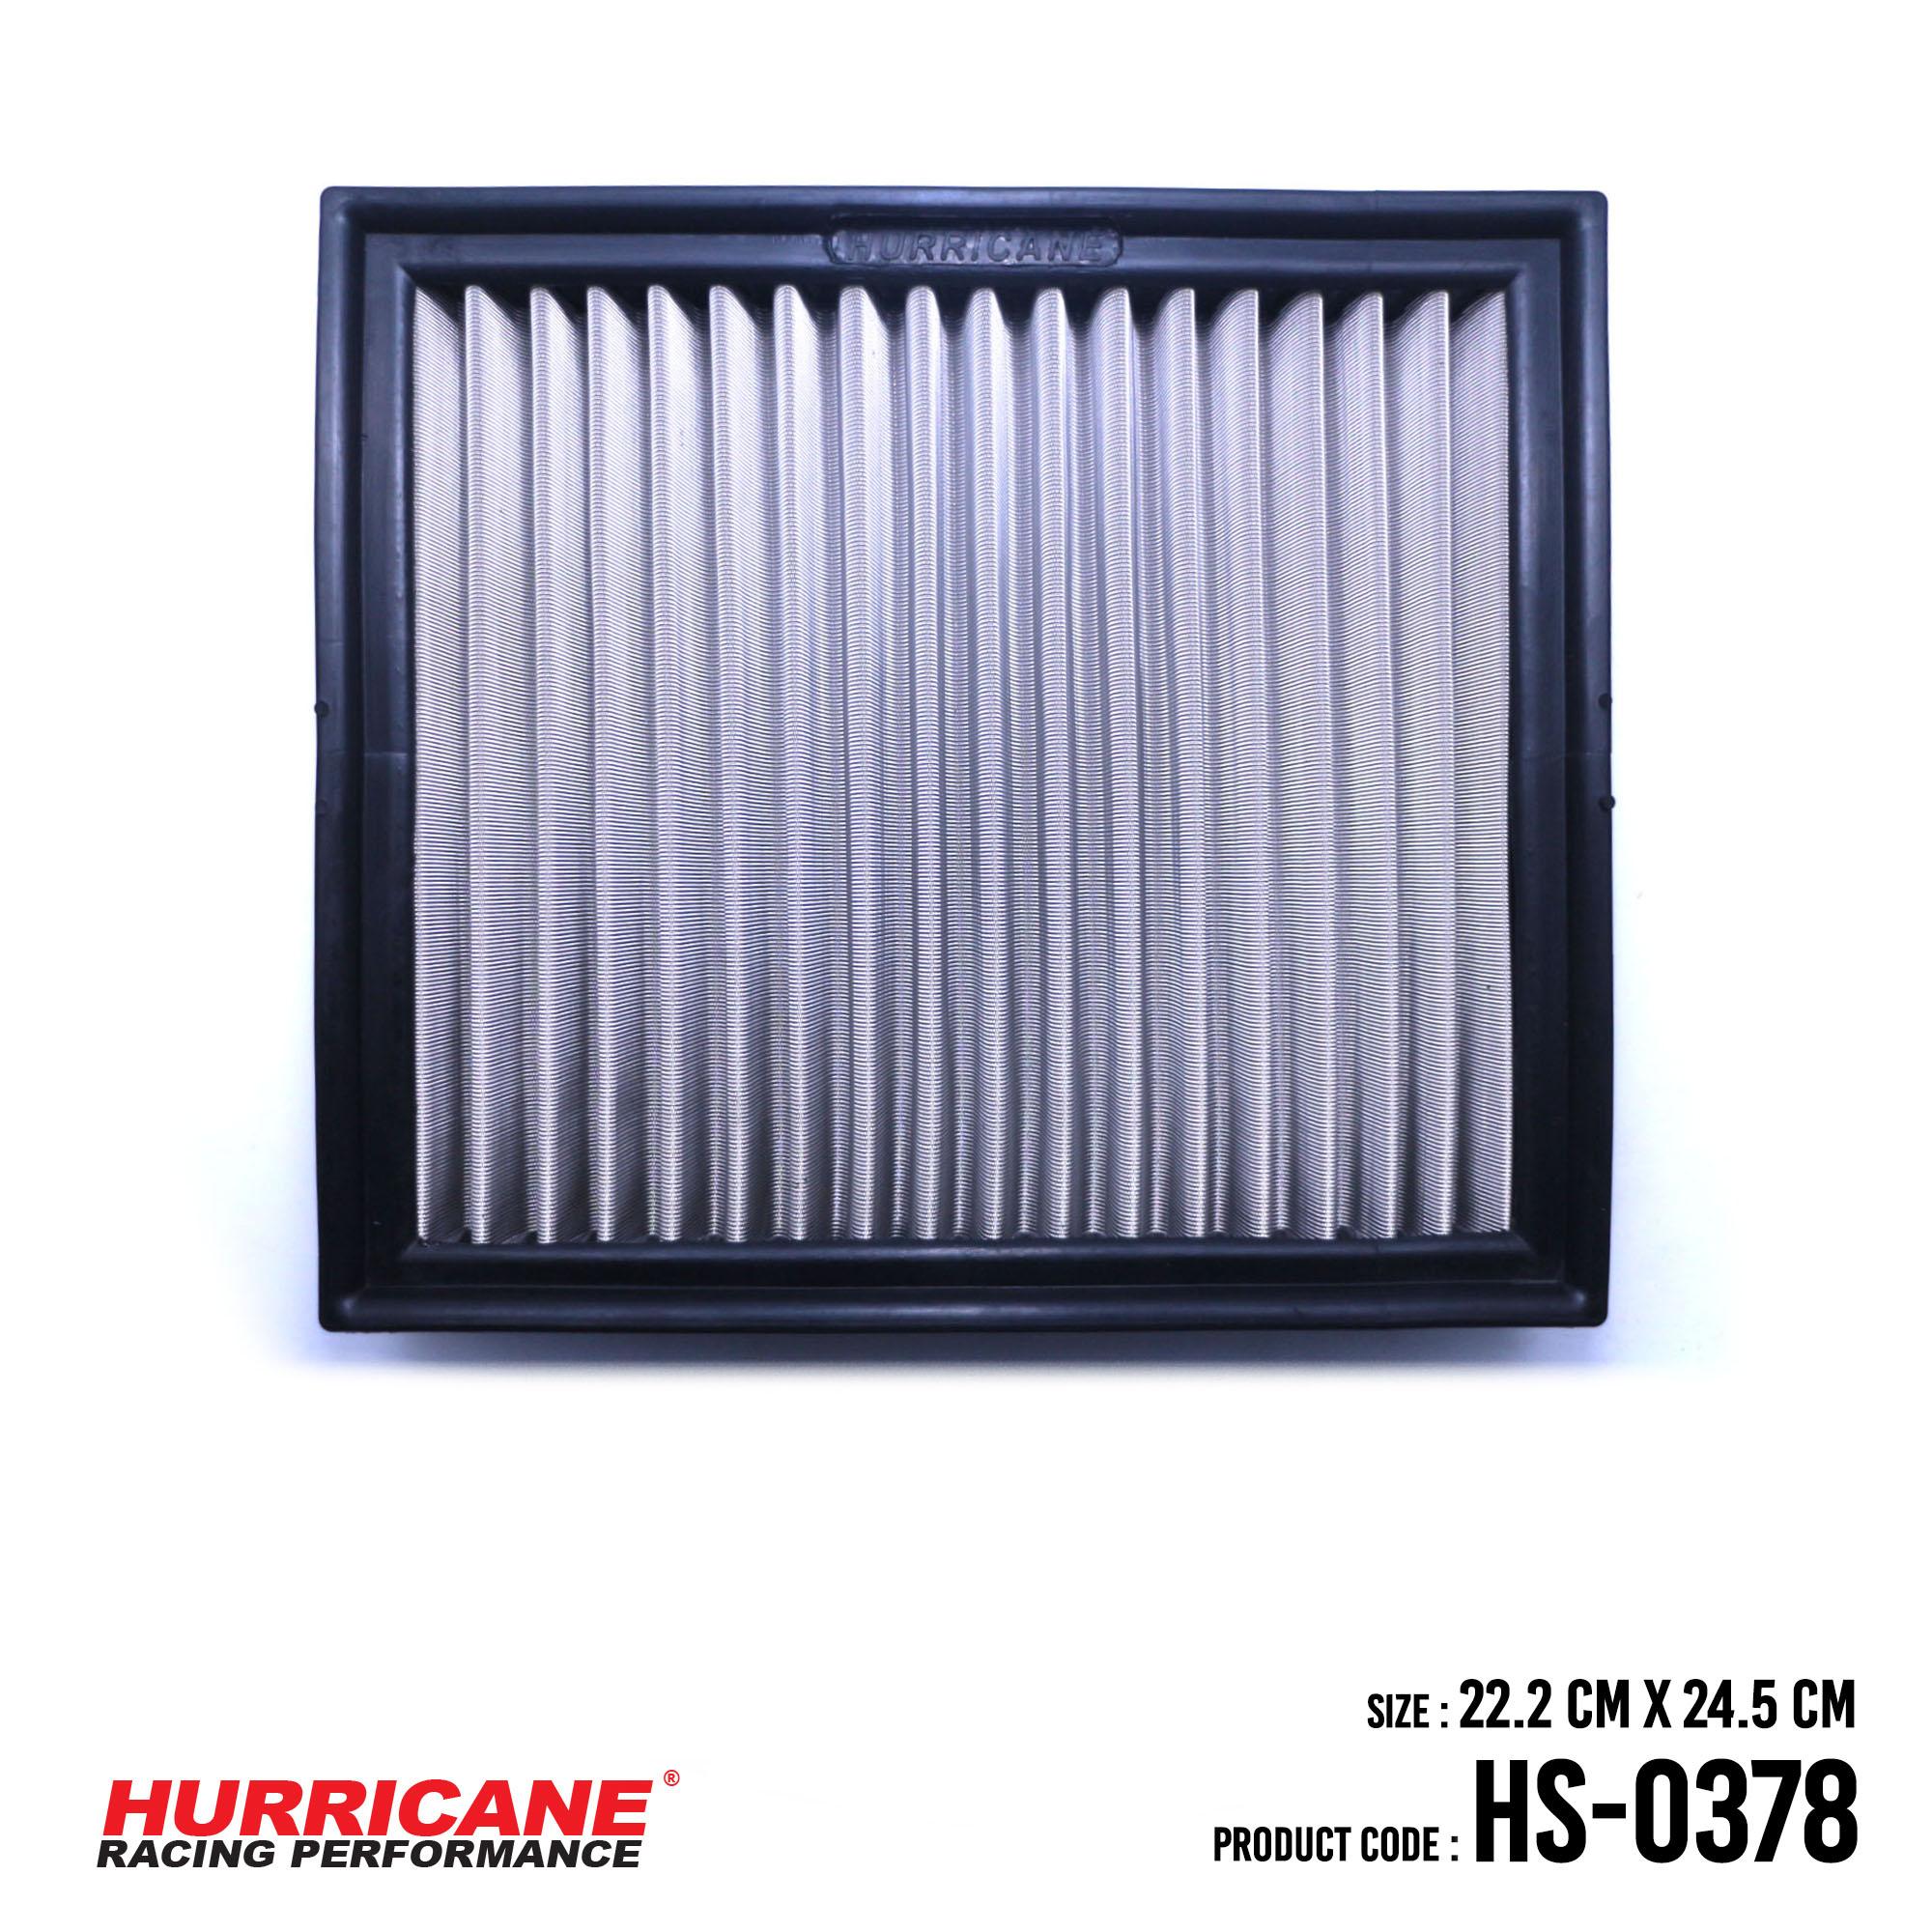 HURRICANE STAINLESS STEEL AIR FILTER FOR HS-0378 LexusToyota